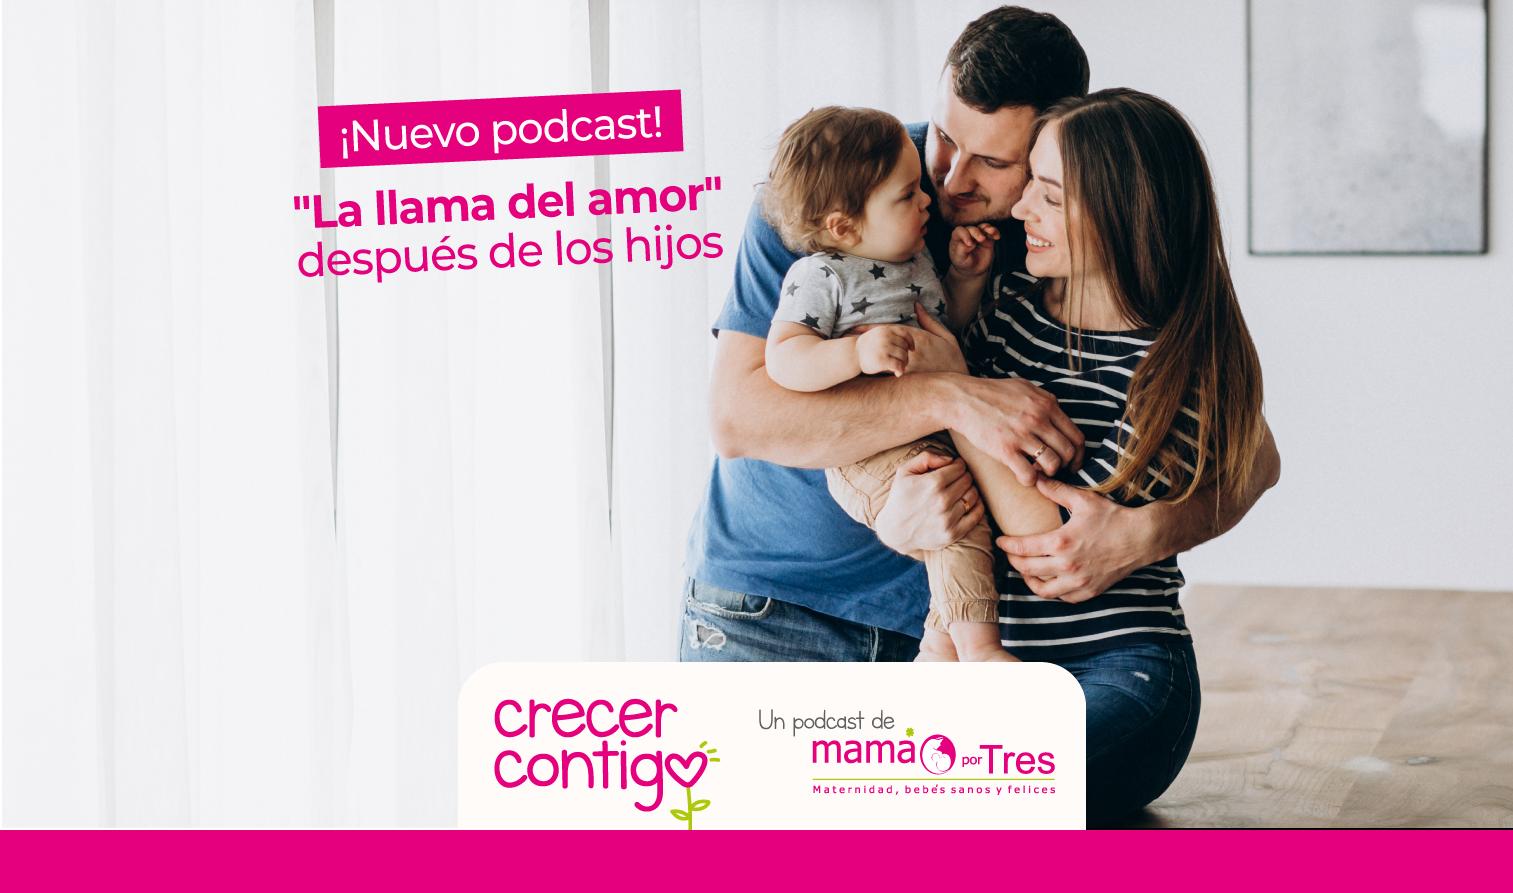 comunicacion en pareja psicologia amor despues de los hijos